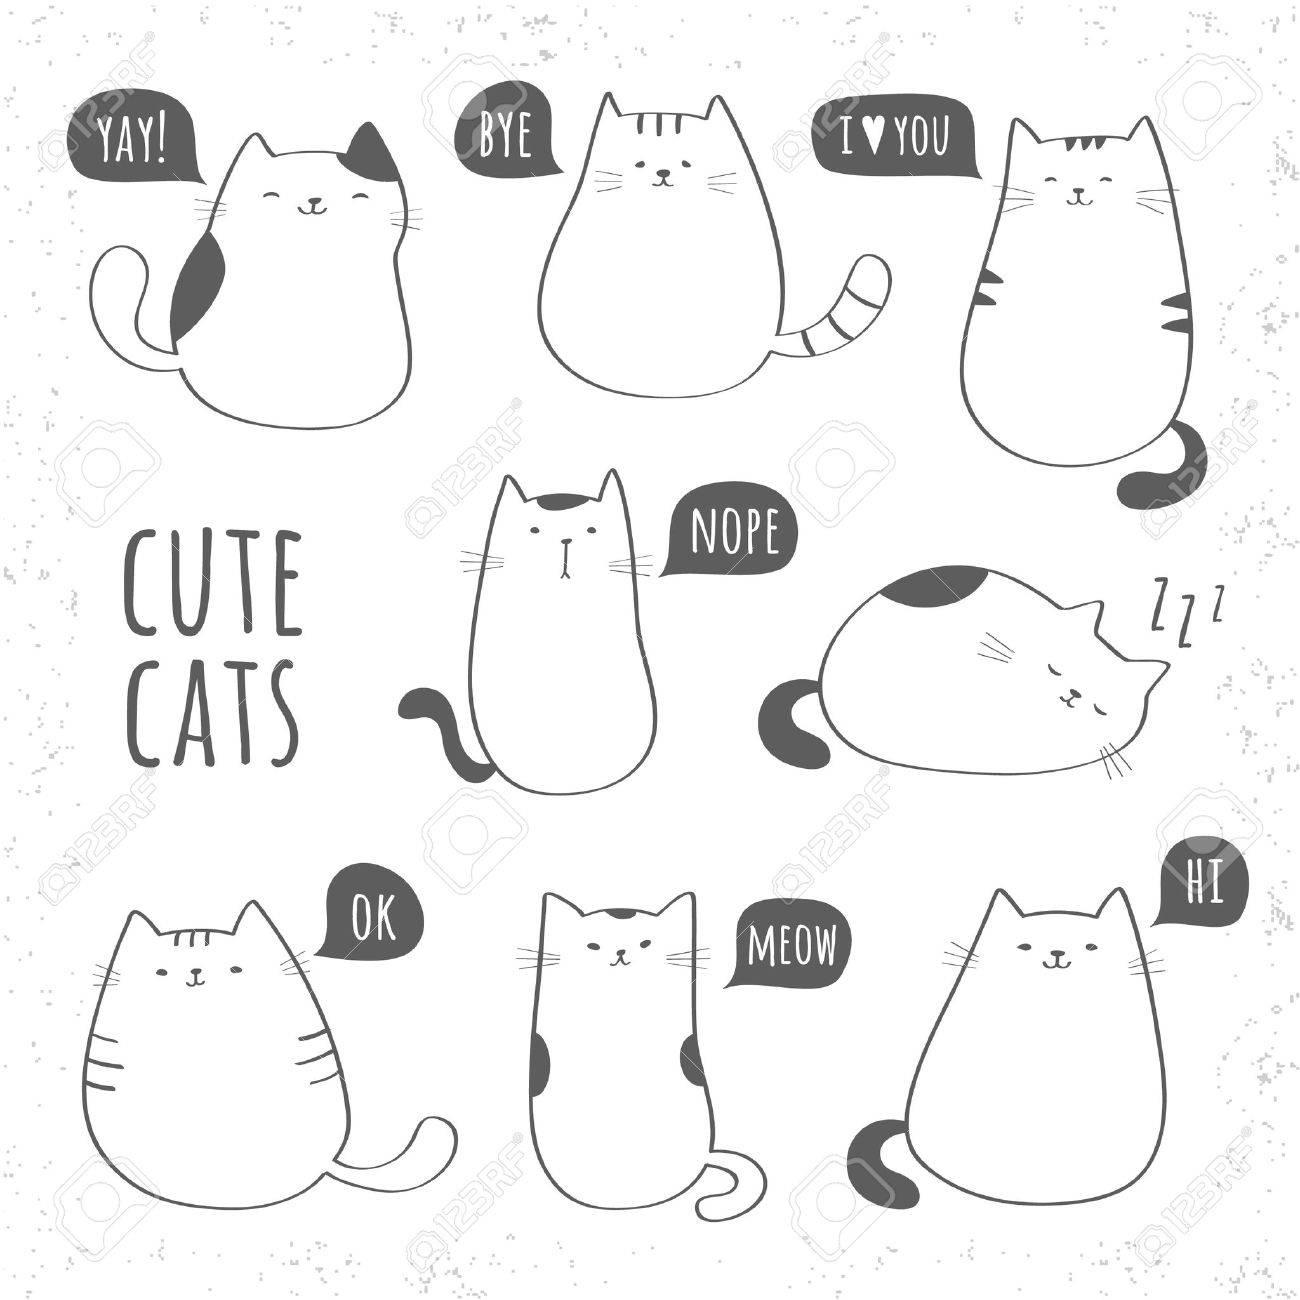 面白いかわいい猫のセットのイラスト素材 ベクタ Image